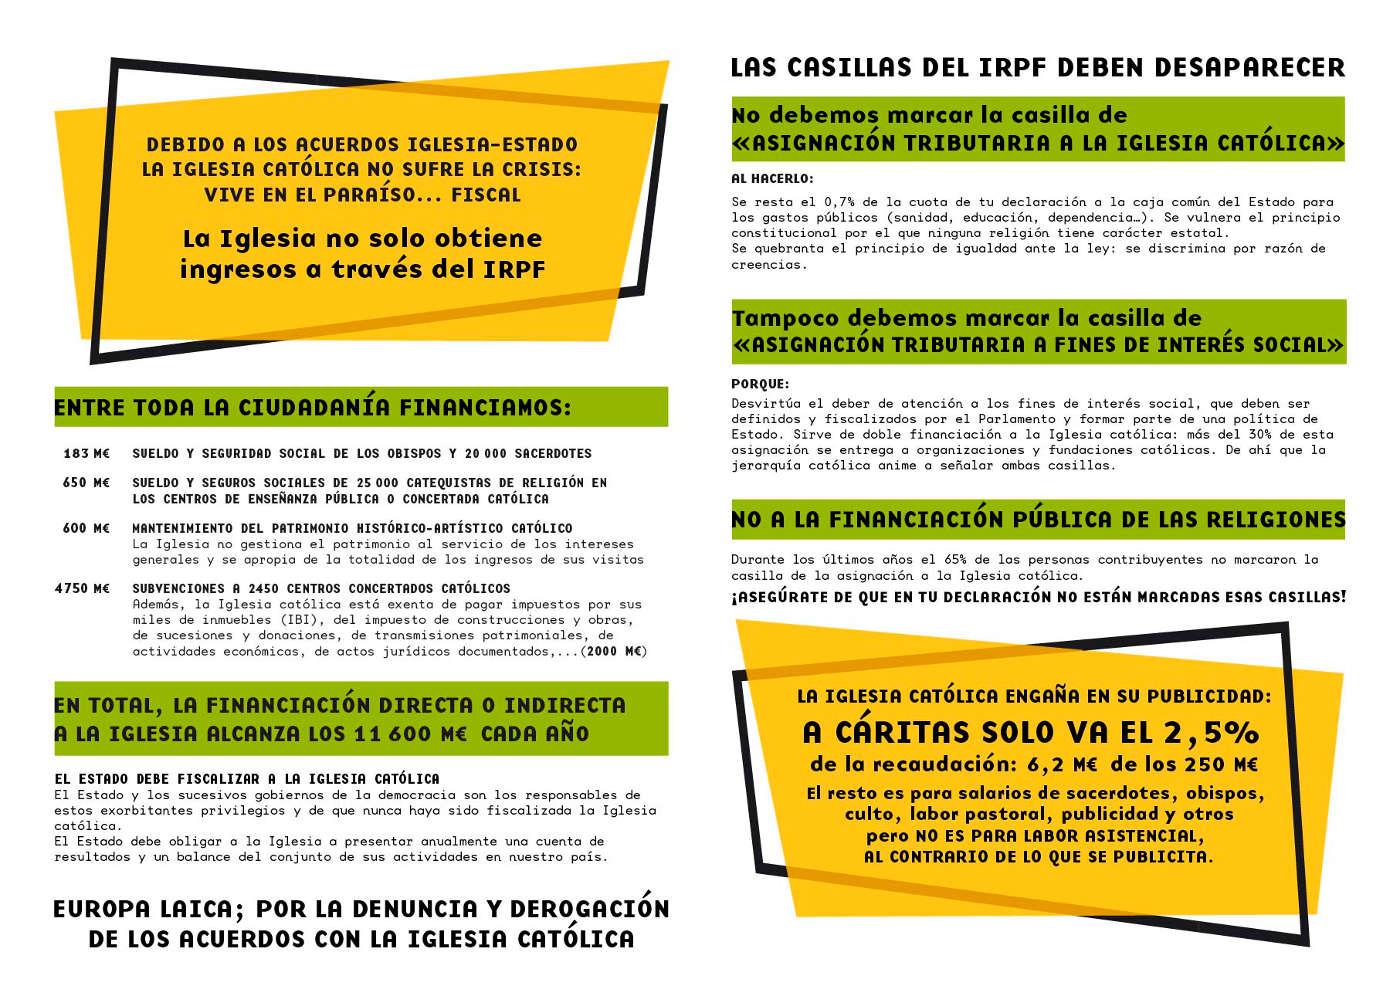 Imagen de la campaña de Europa Laica pidiendo que en la declaración de la renta no marquemos ninguna de las dos casillas que nos ofrece el impreso del IRPF.